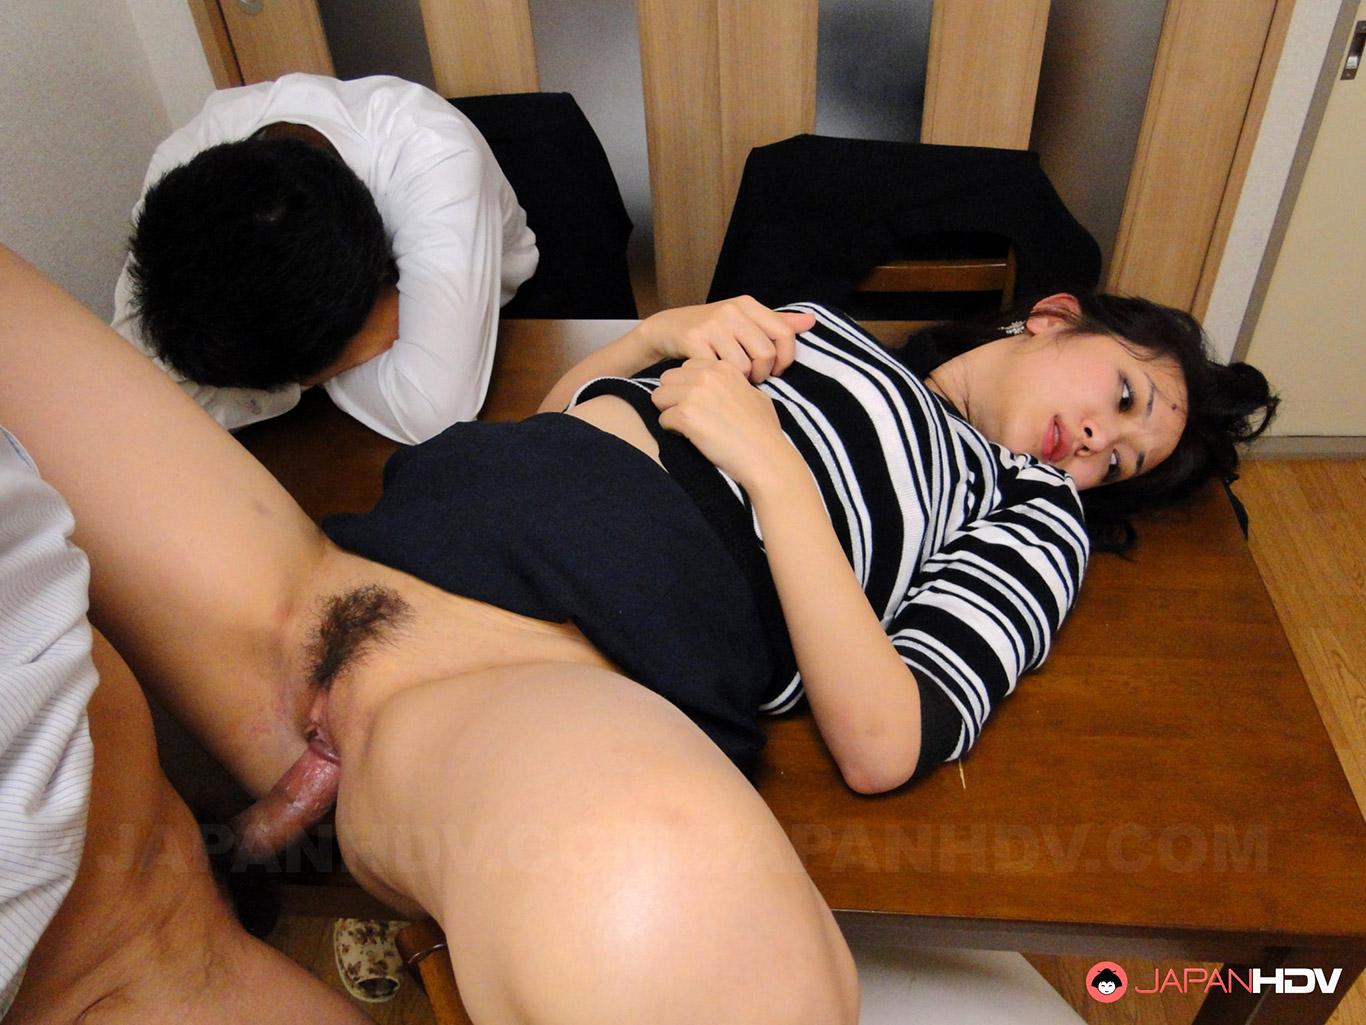 Порно японская жену босс мужа